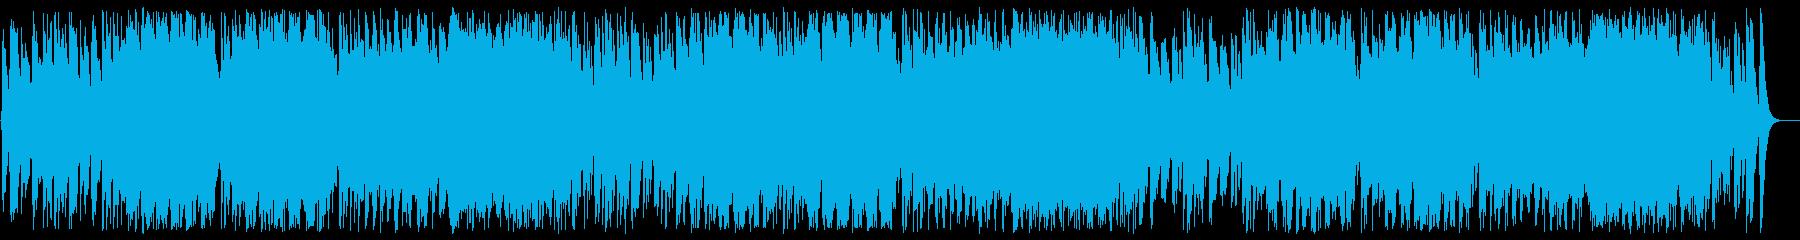 ディンドン空高く オルゴール&Str.の再生済みの波形